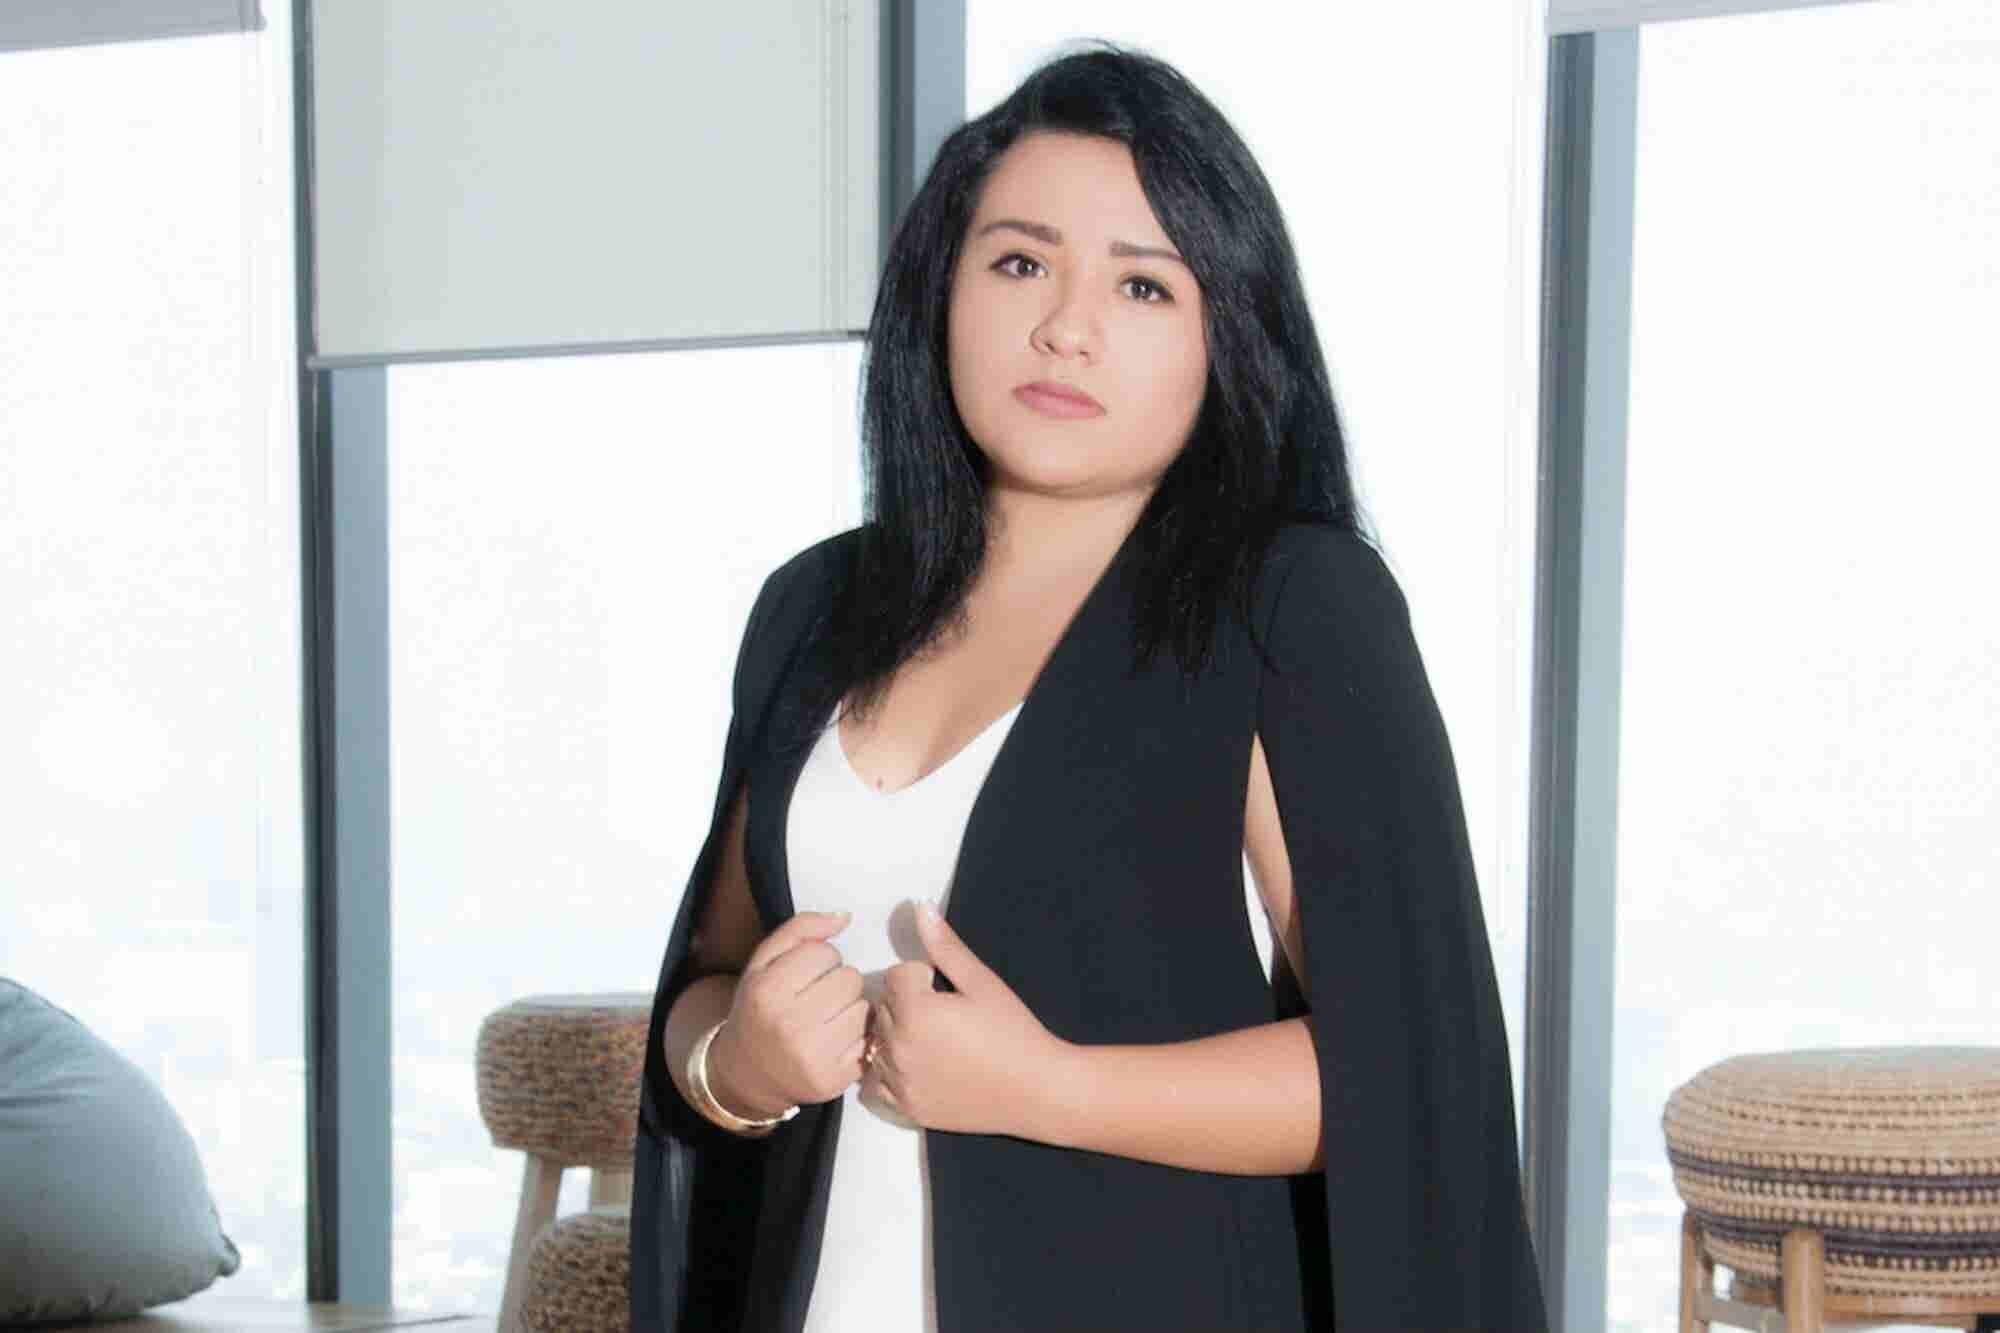 Con 23 años, ella quiere formalizar los negocios mexicanos